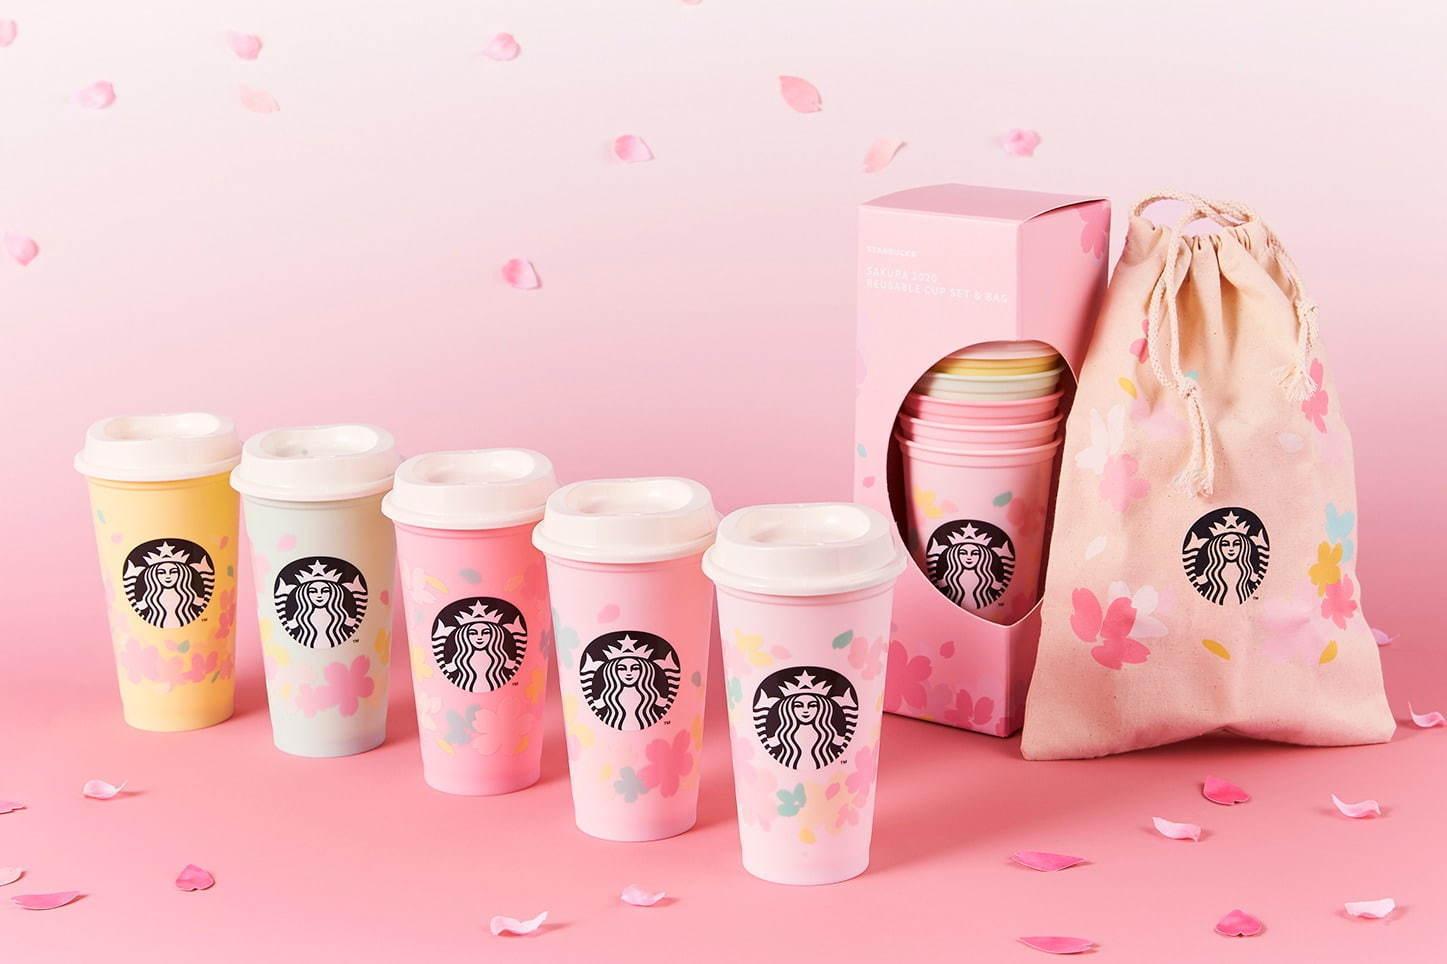 日本星巴克 樱花系列 樱花牛奶布丁 樱花牛奶拿铁